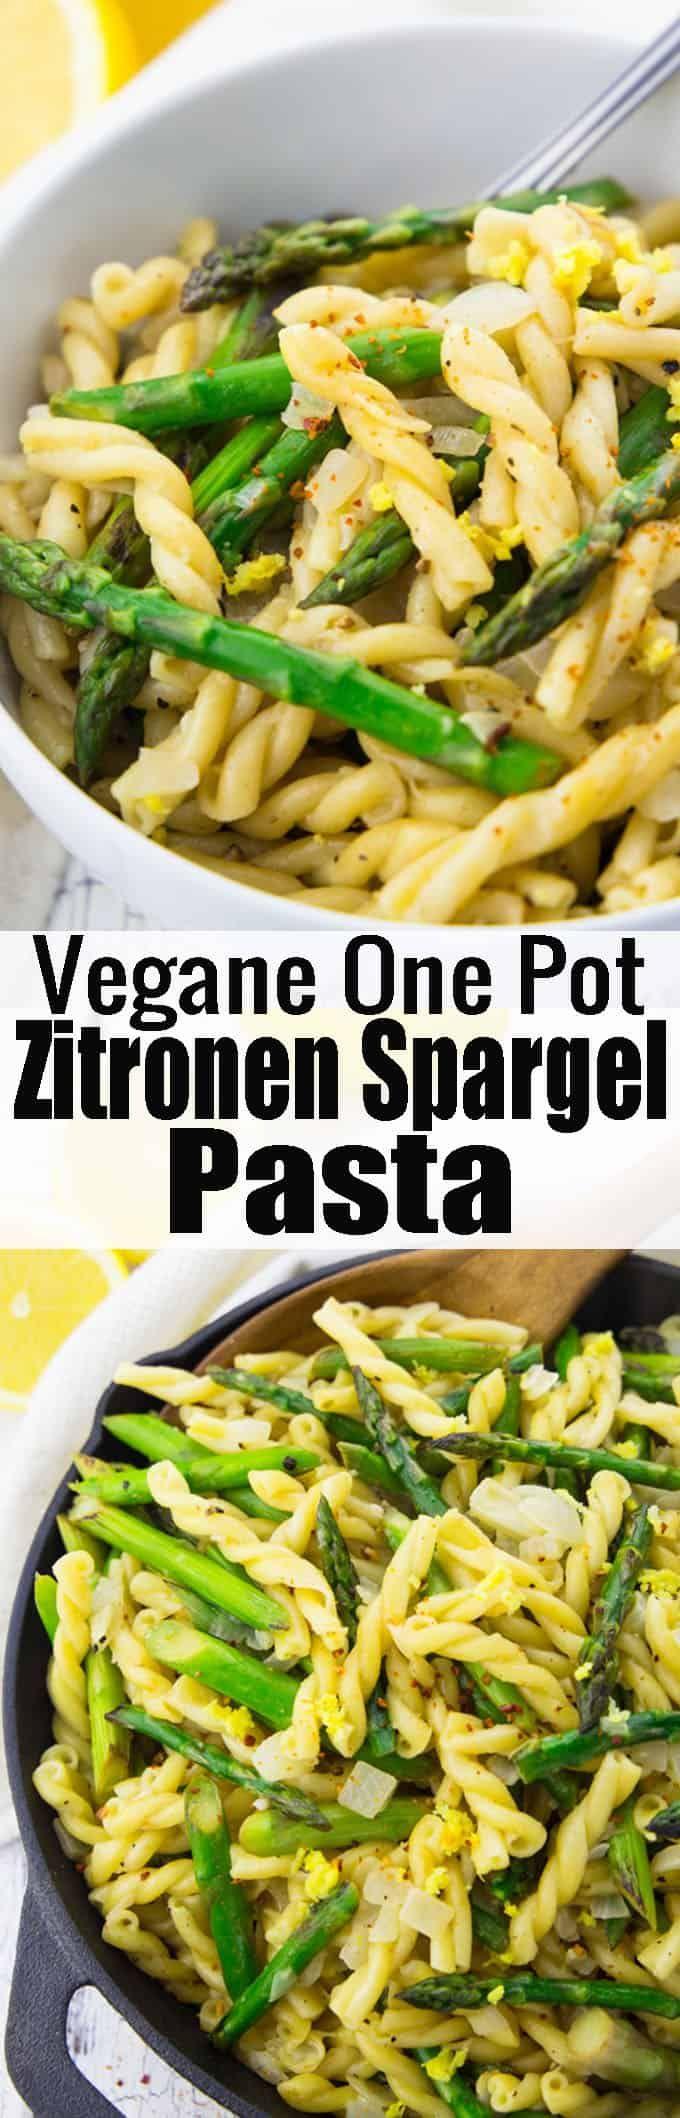 Pasta mit Spargel in Zitronensauce